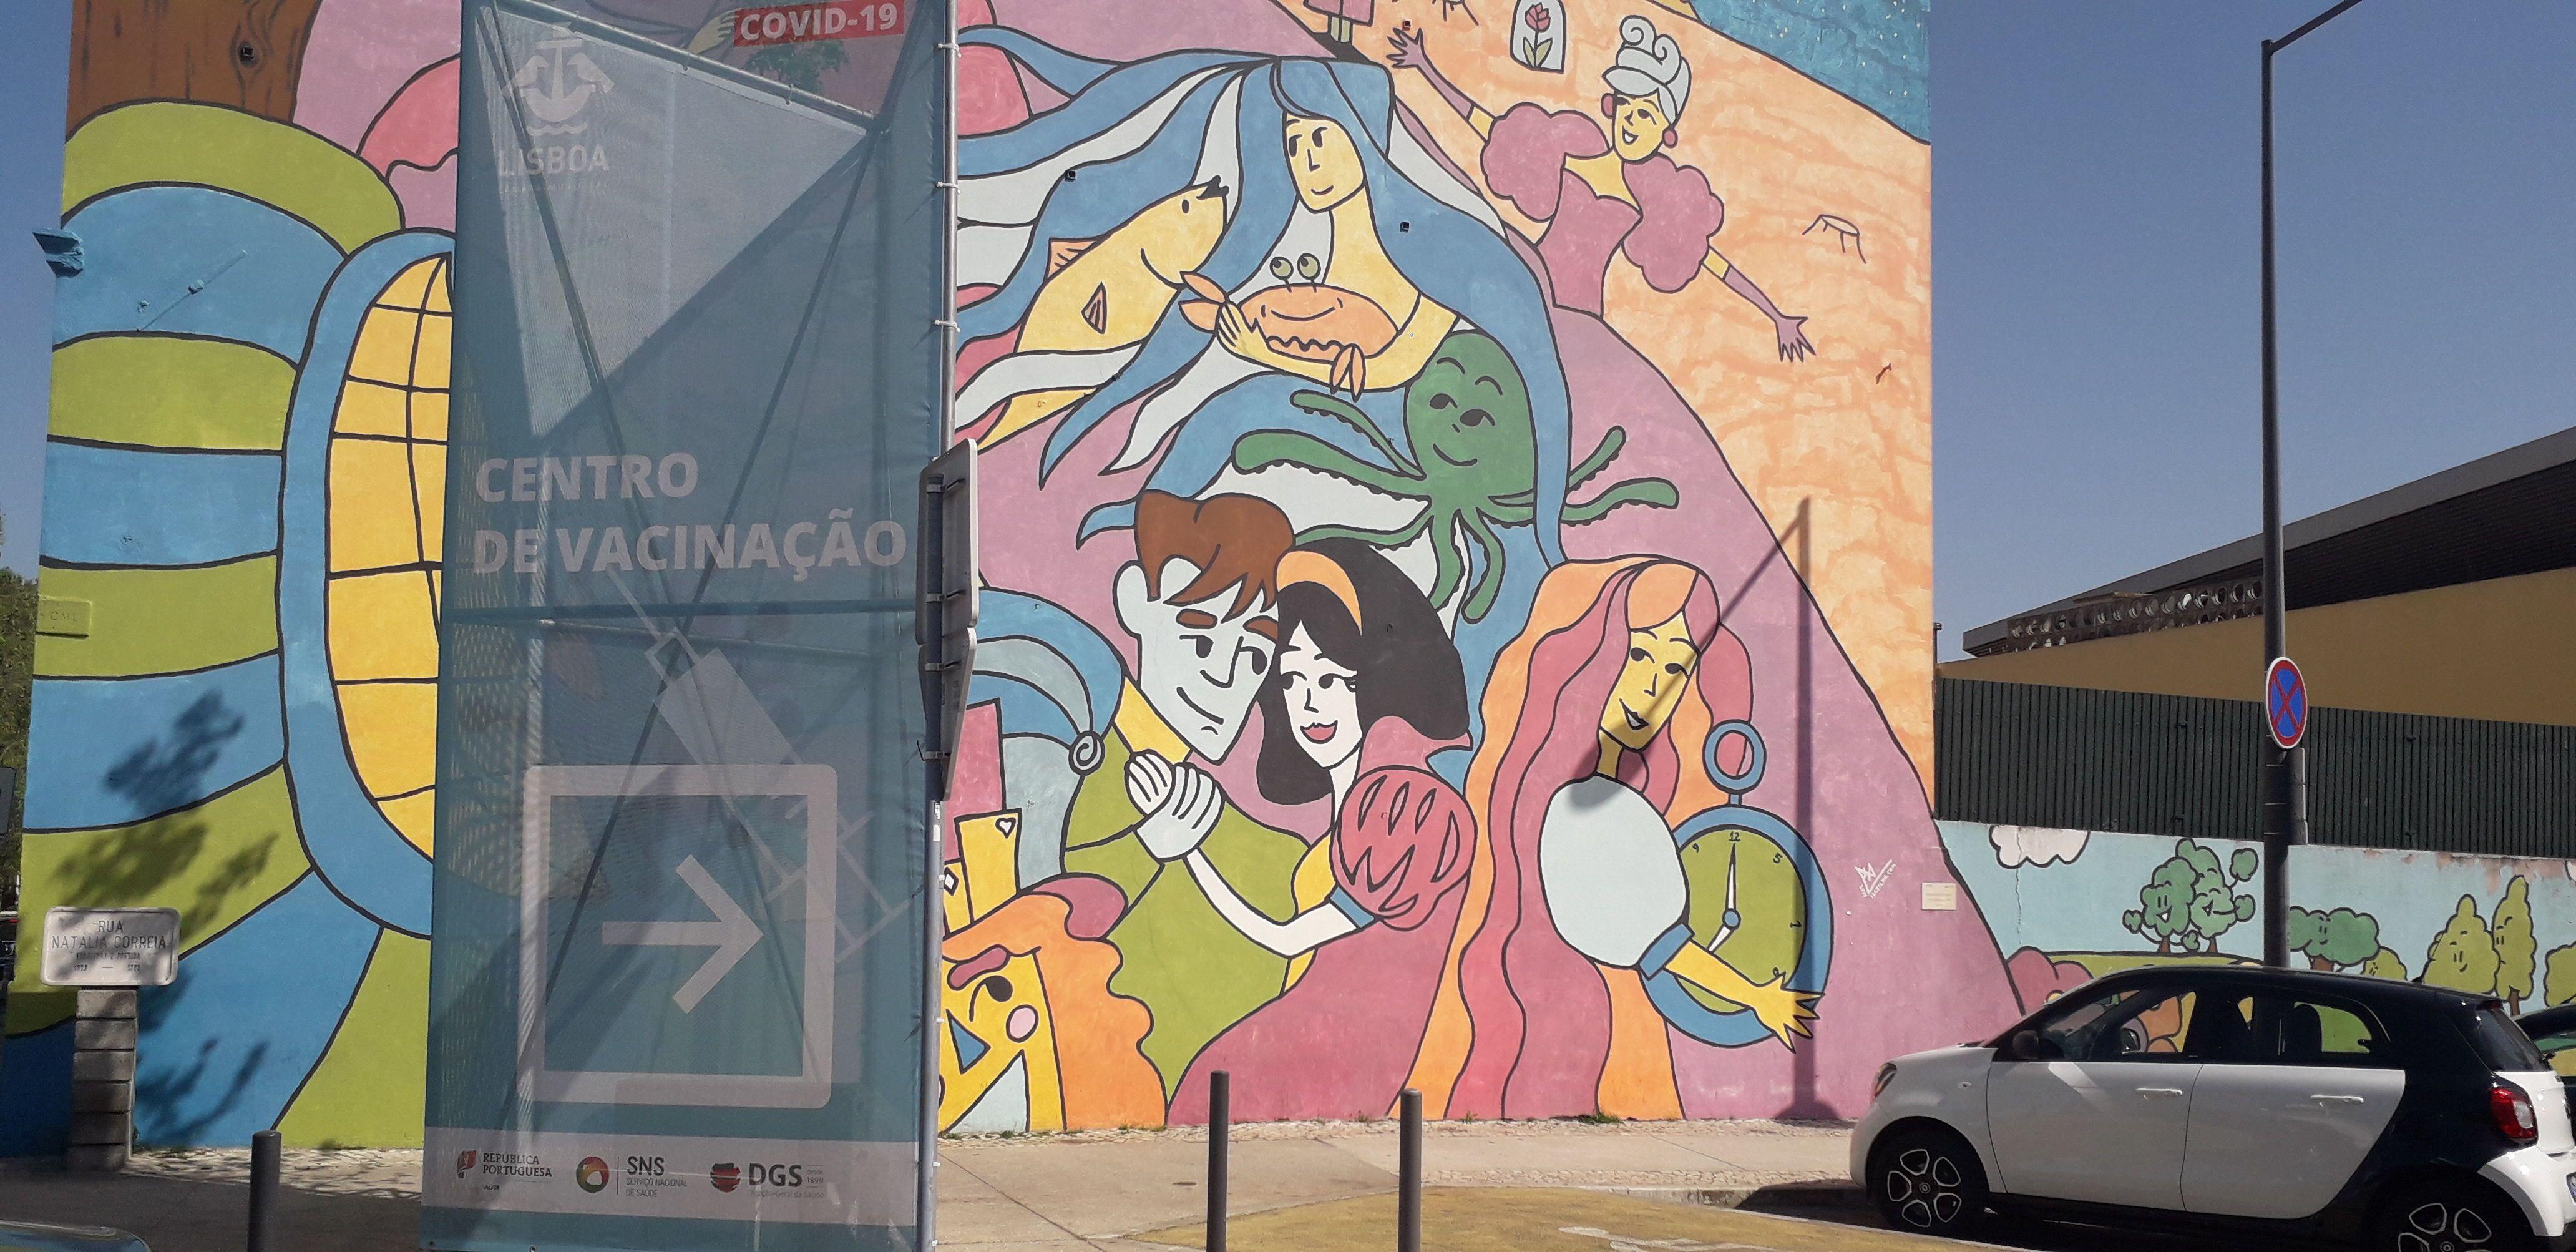 Placa indica centro de vacinação contra COVID-19 em Lisboa